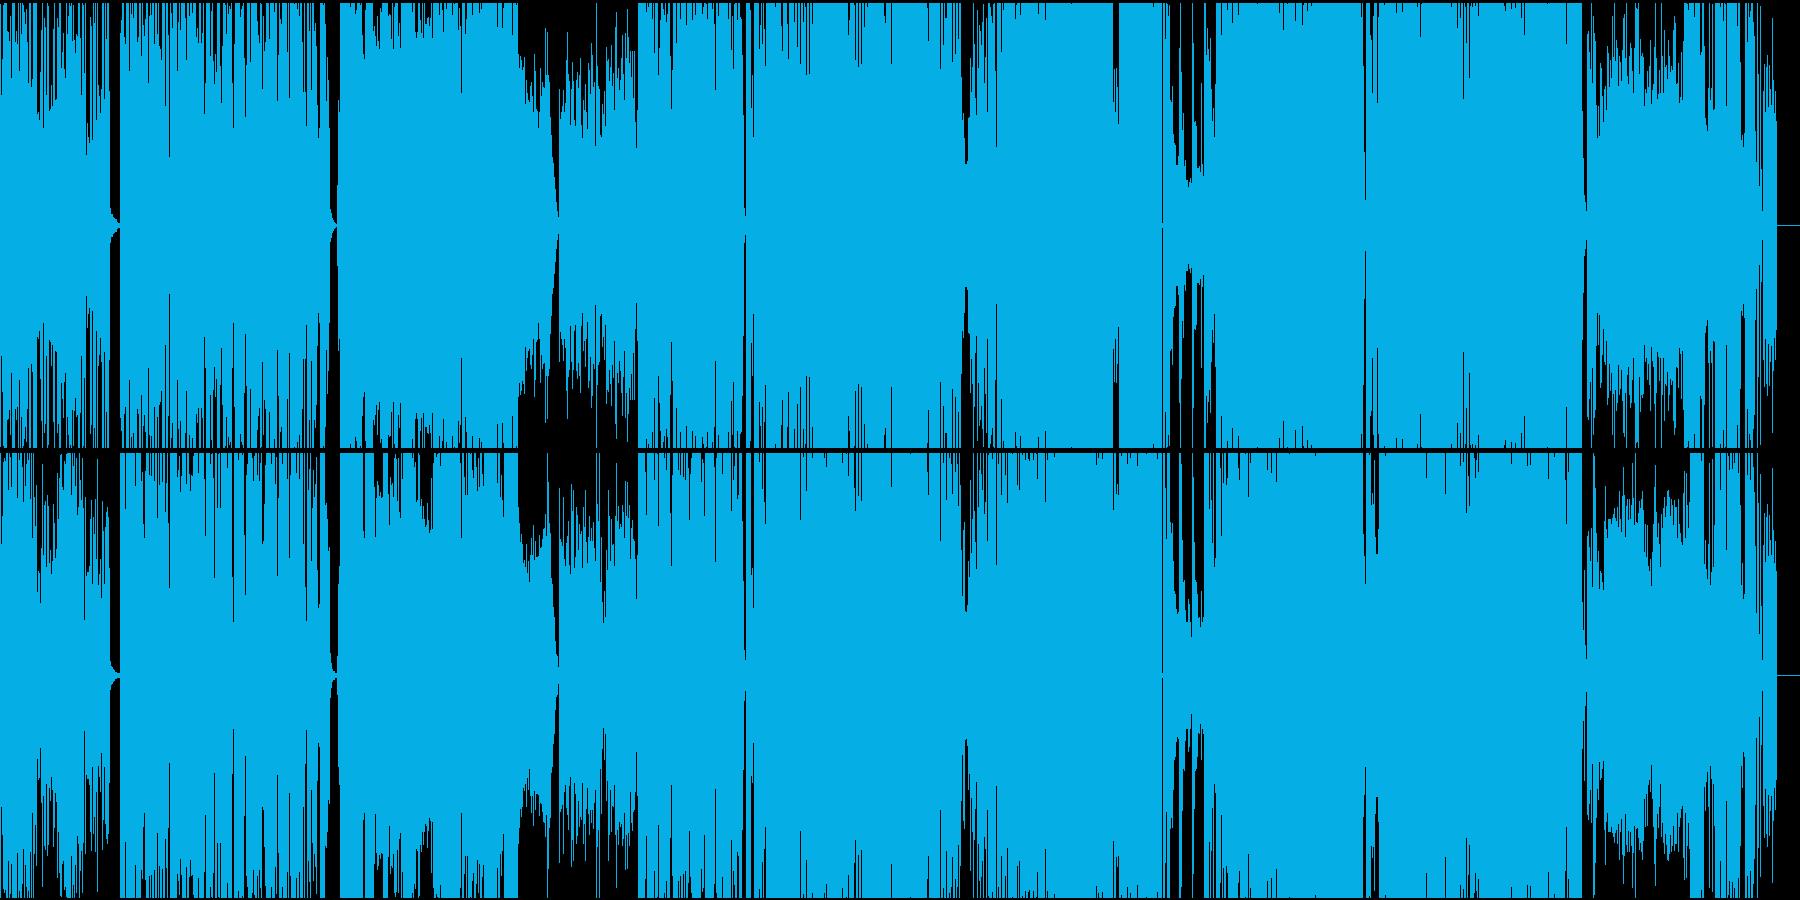 アンビエント系、英語詩女性ボーカルソングの再生済みの波形